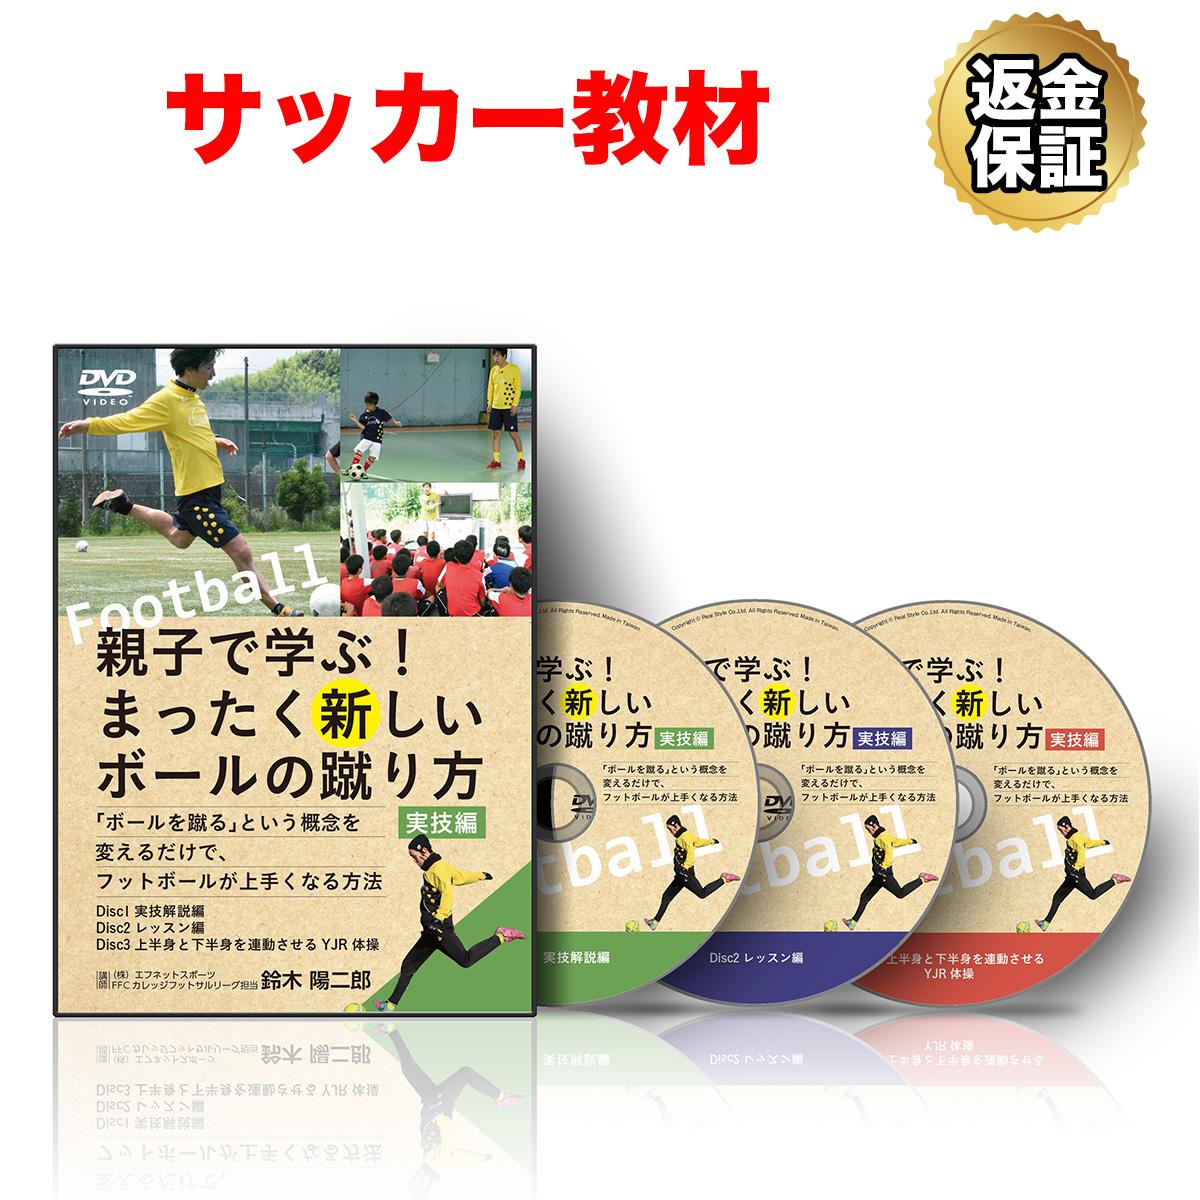 サッカー 教材 DVD 親子で学ぶ!まったく新しいボールの蹴り方~「ボールを蹴る」という概念を変えるだけで、フットボールが上手くなる方法~実技編